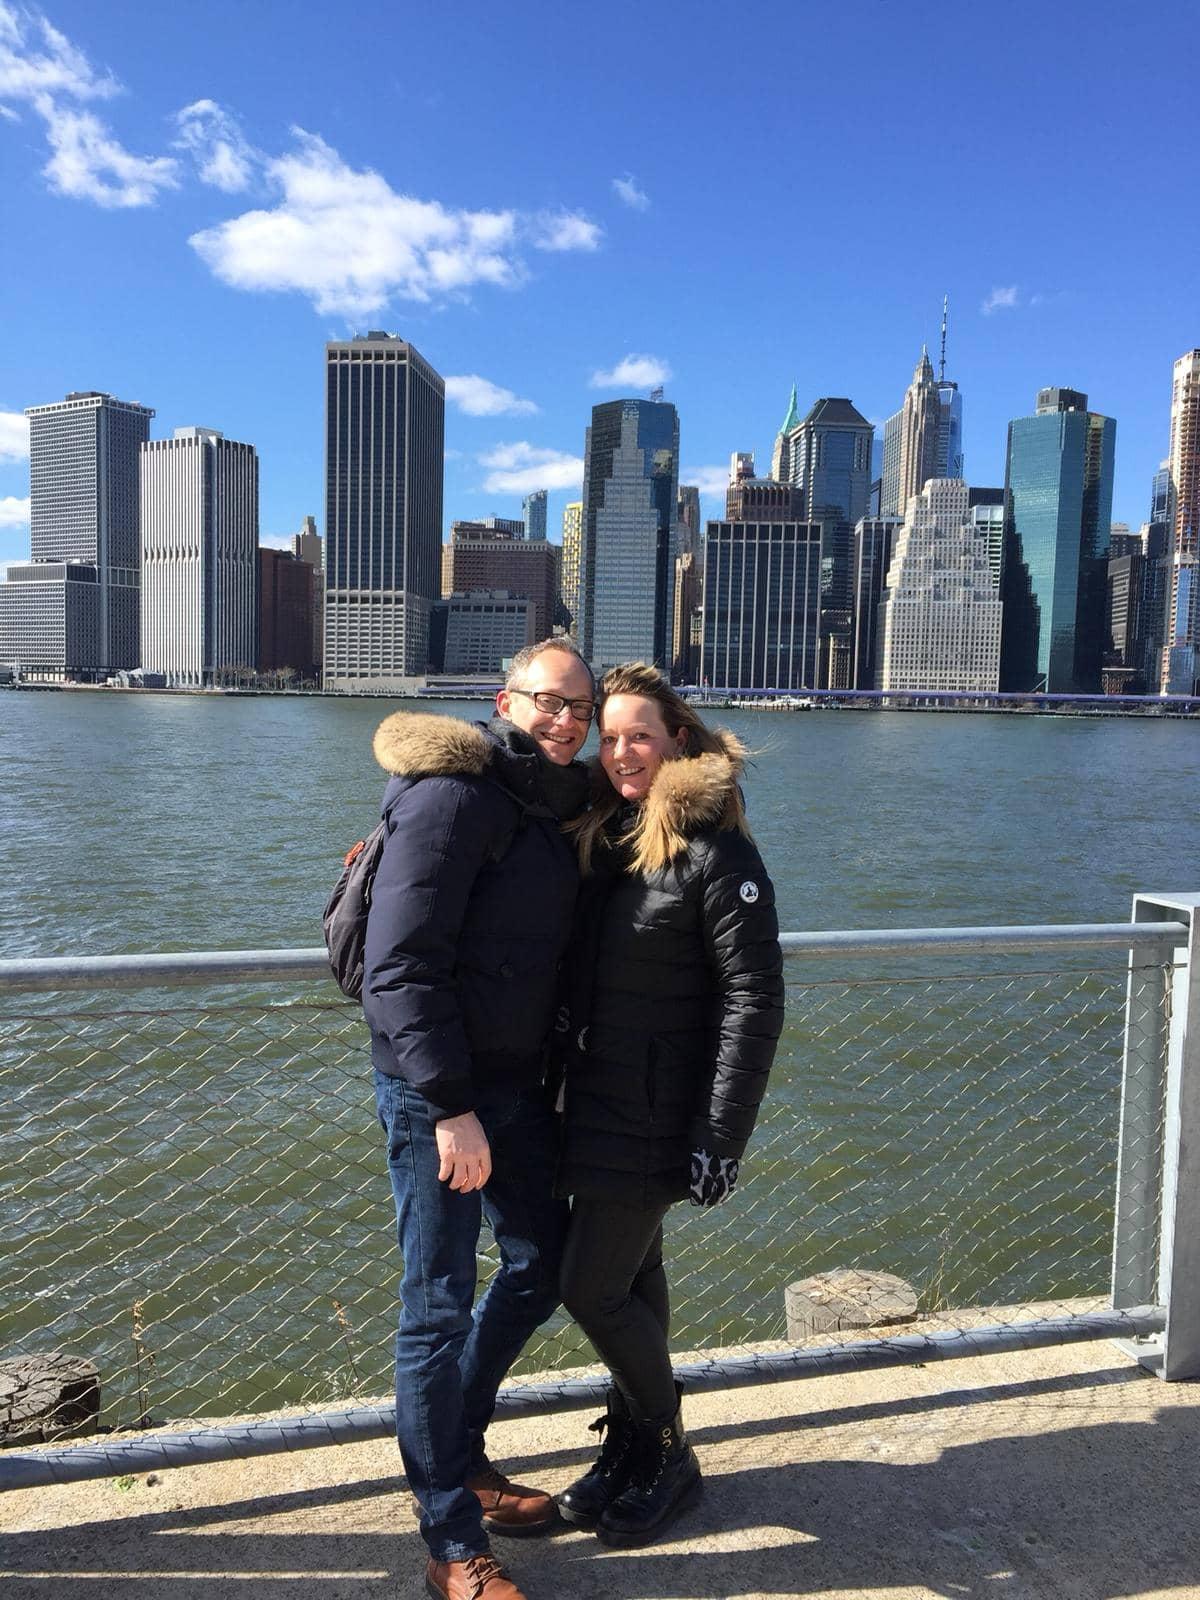 Vinn en resa till New York - Skyline